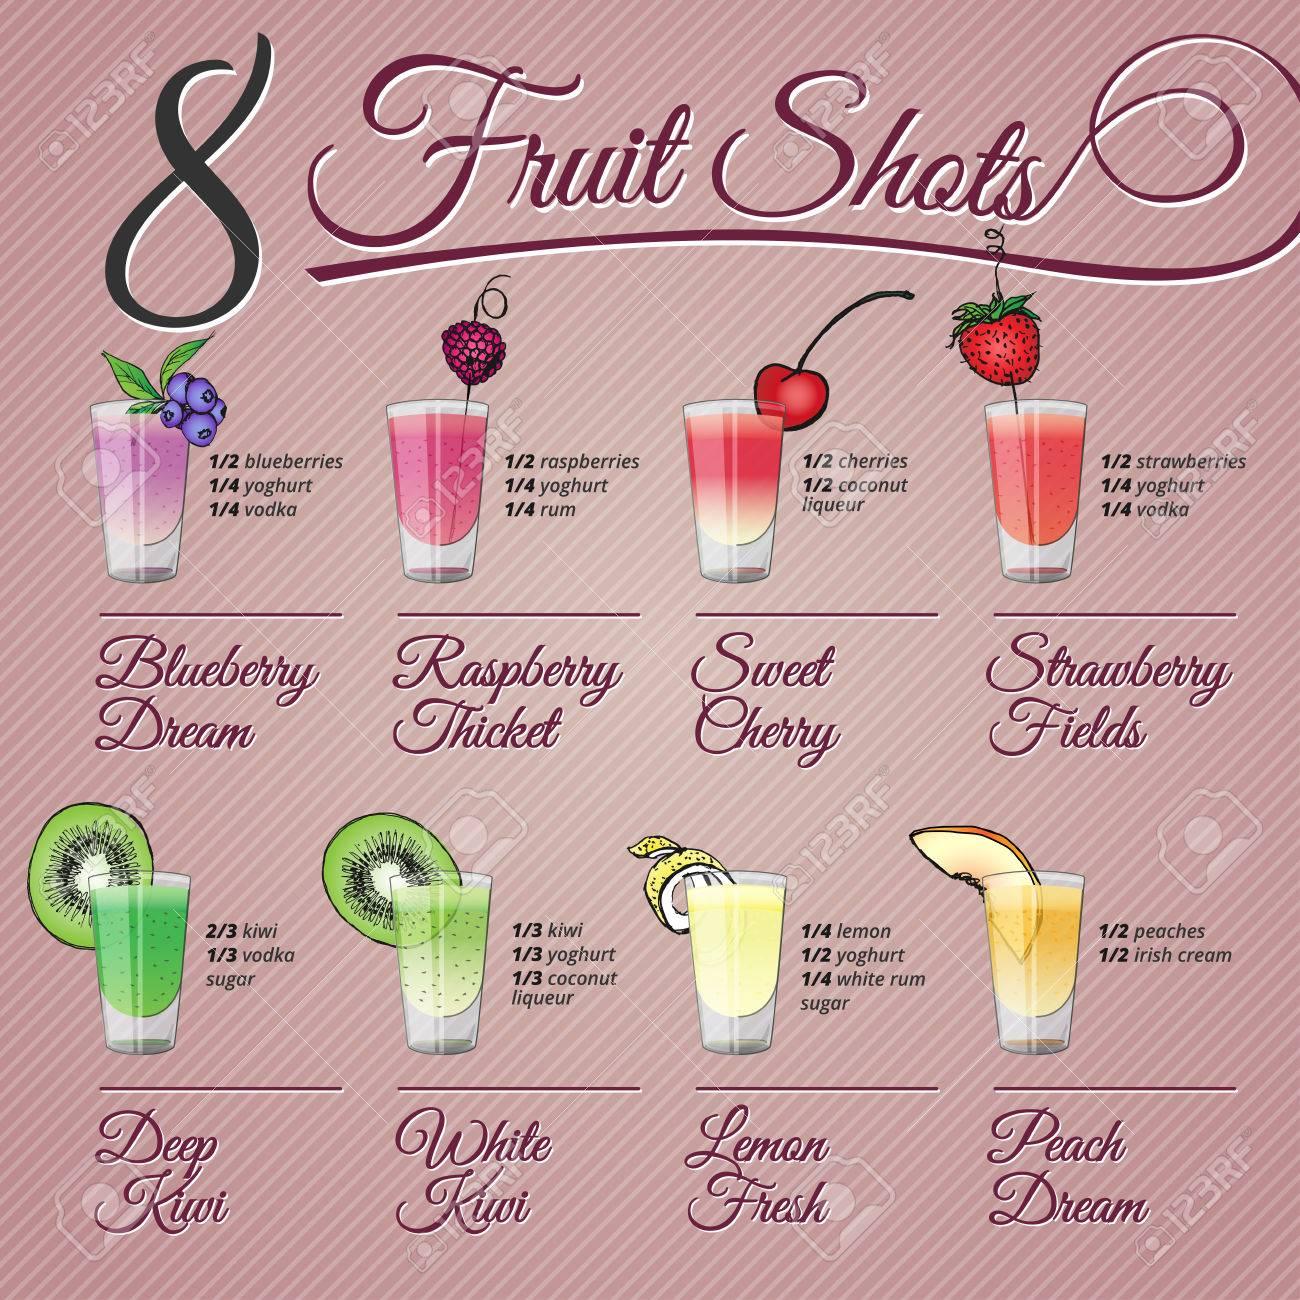 Acht Schüsse Früchte Alkohol Rezepte Und Vektor-Illustrationen Mit ...